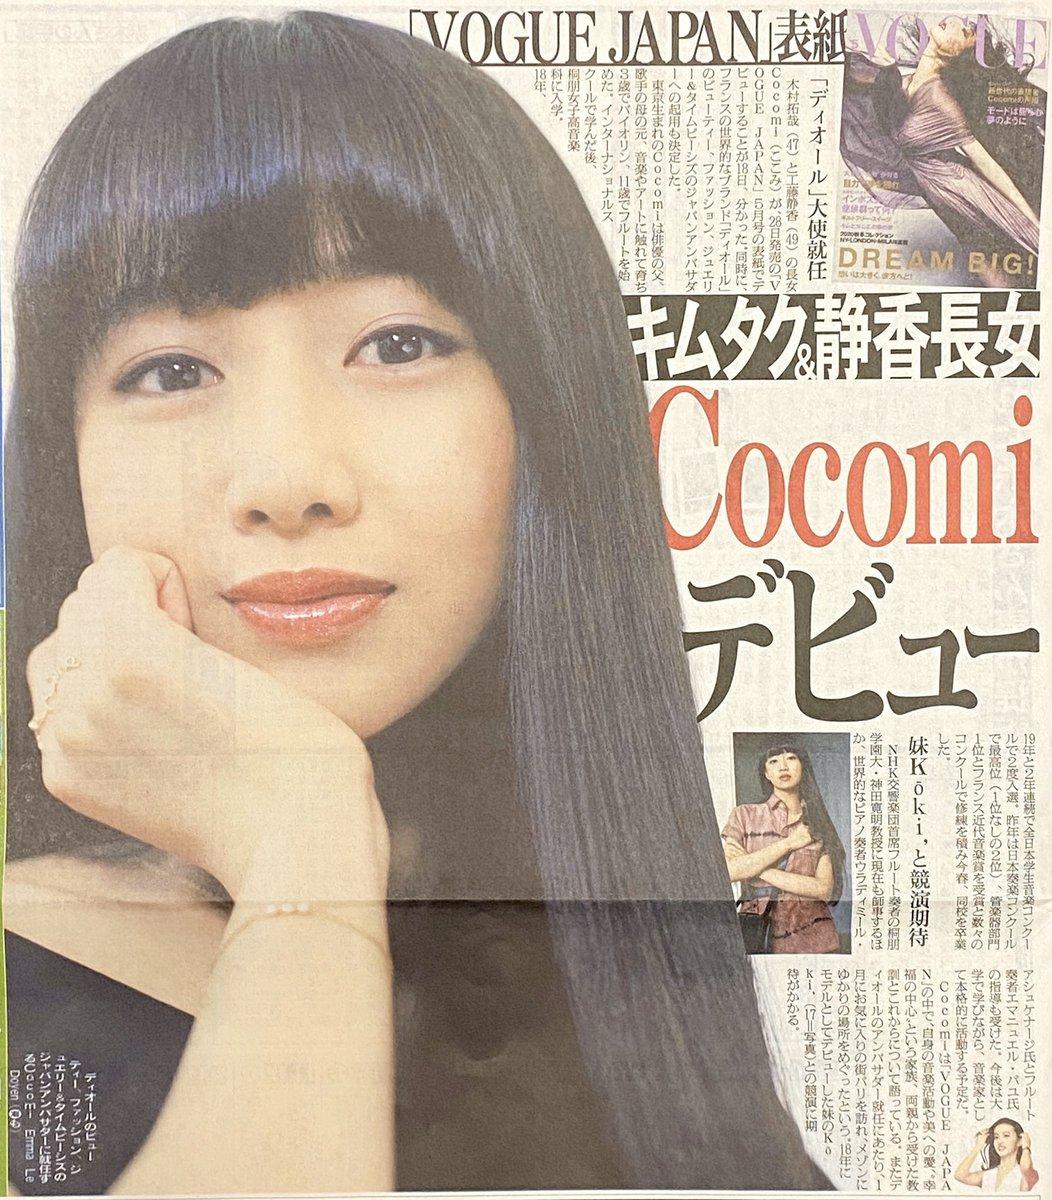 【画像】キムタクの長女cocomiちゃん、芸能界デビュー